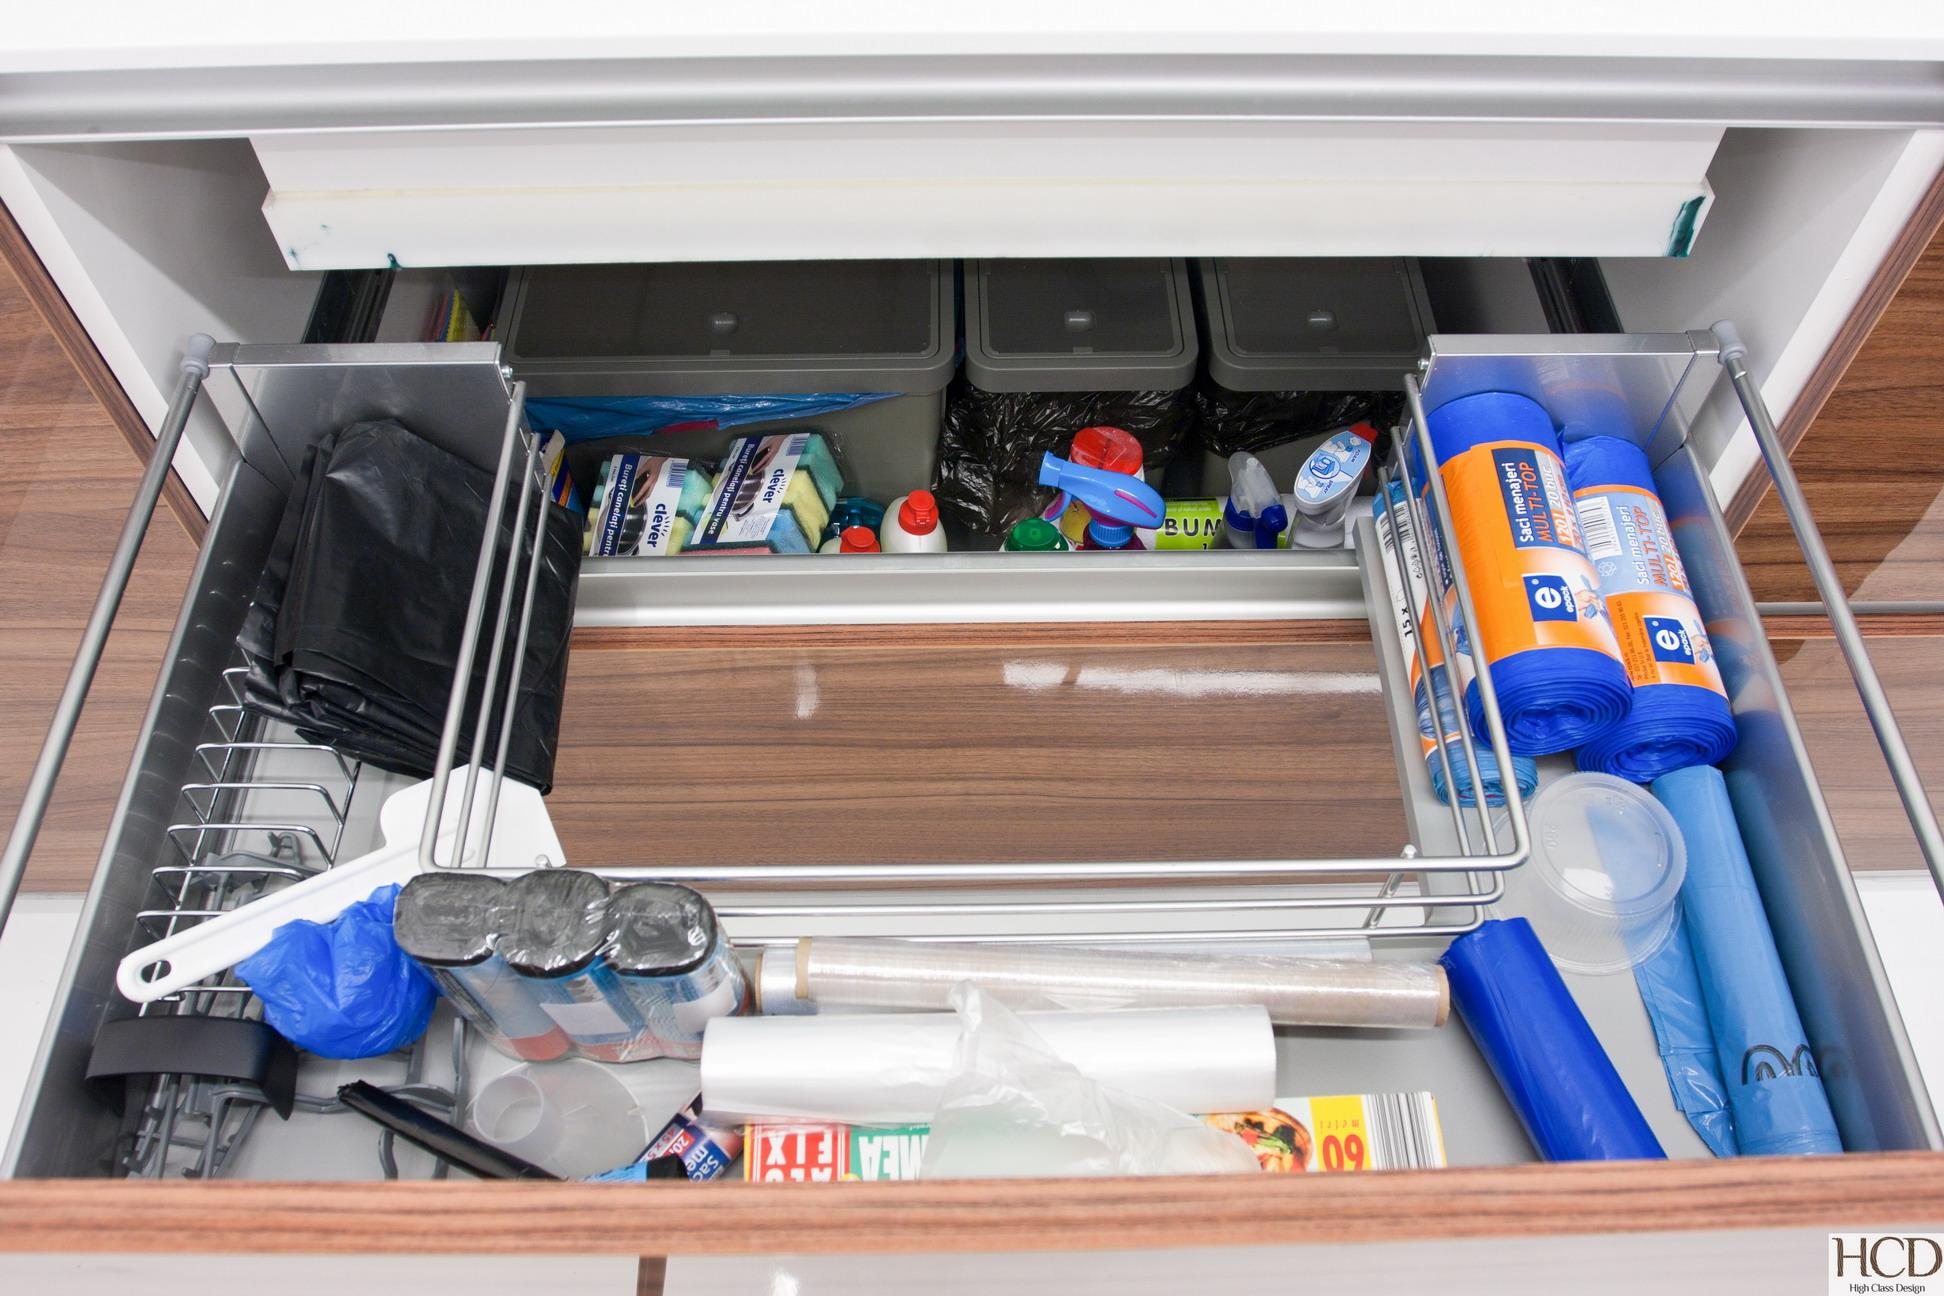 mobila-casa-vila-bufta-mobilier-comanda-hcd-trivenus-07_resize